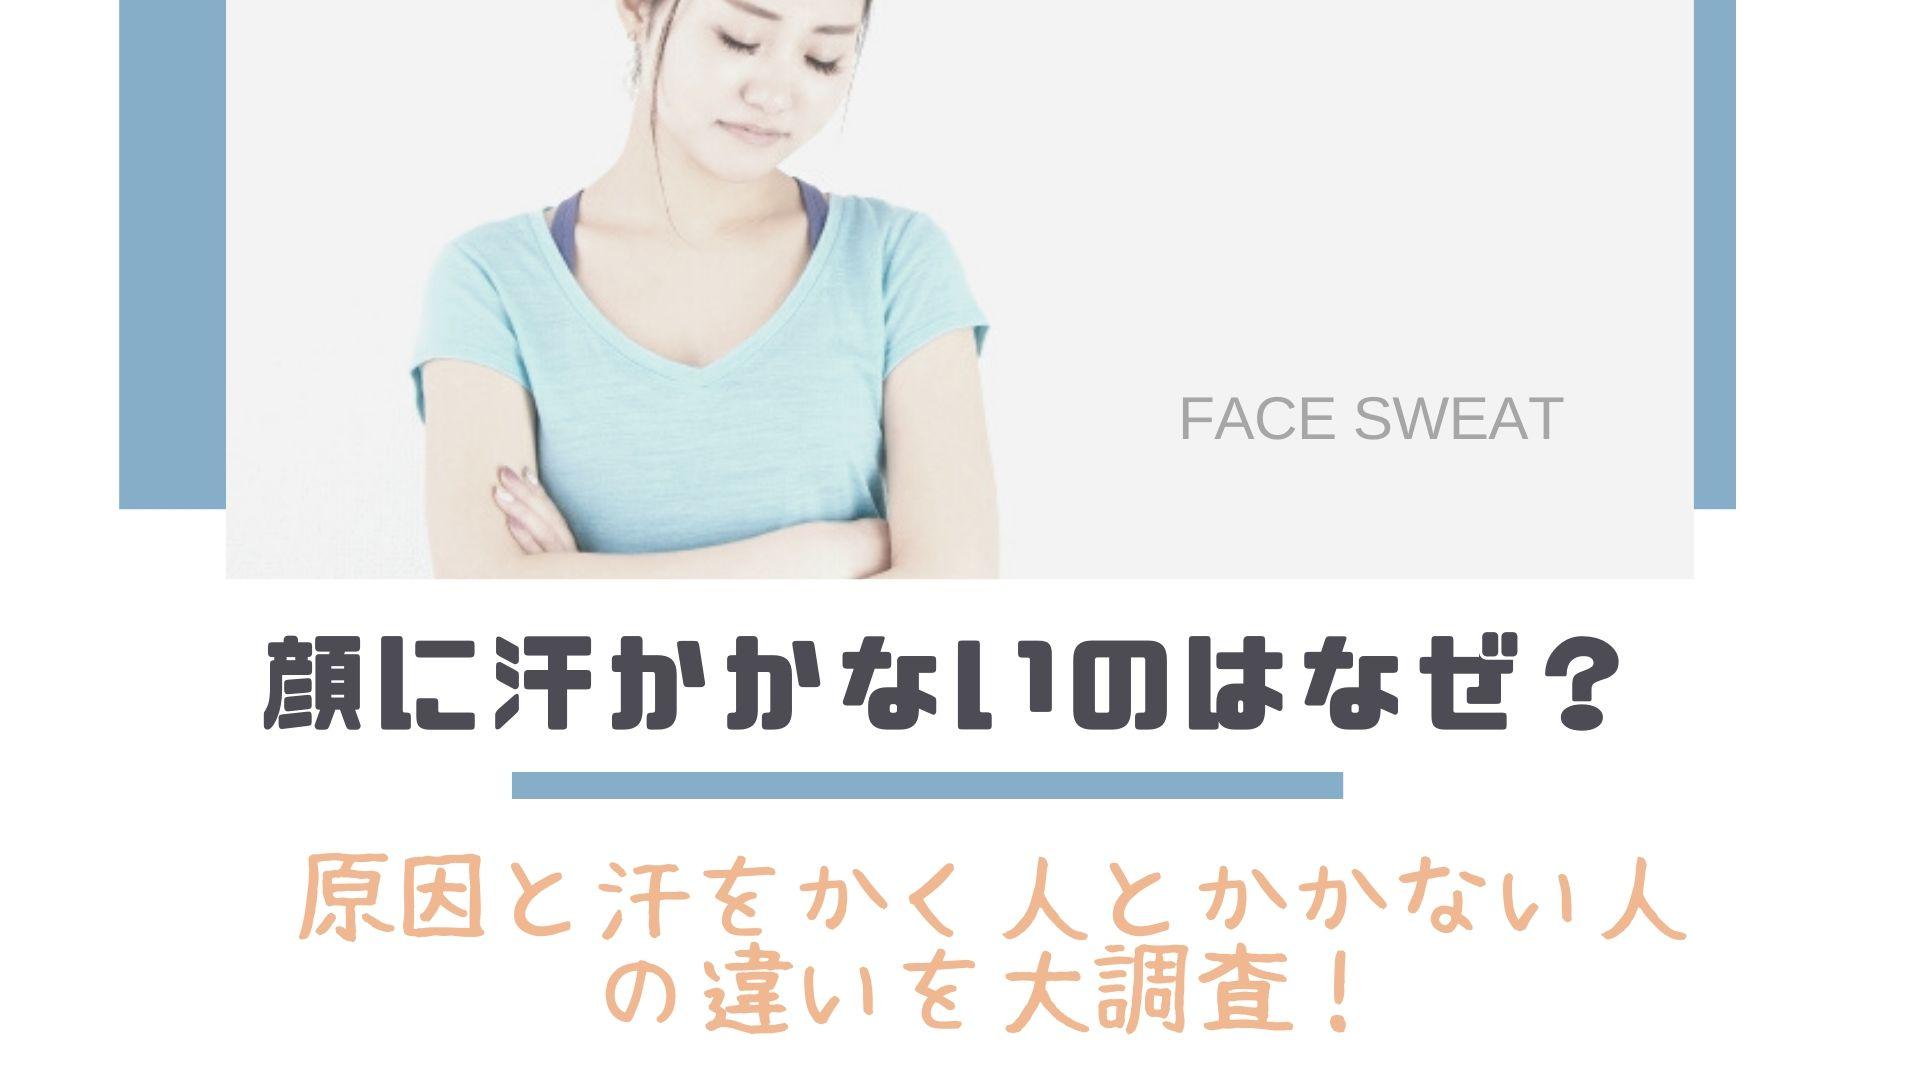 に か を かない 汗 顔 顔から汗をかく・かかない。美肌効果があるのはどっち? 顔から汗をかく・かかない。美肌効果があるのはどっち?│ホットヨガ&コラーゲンスタジオ Lucina(ルキナ)